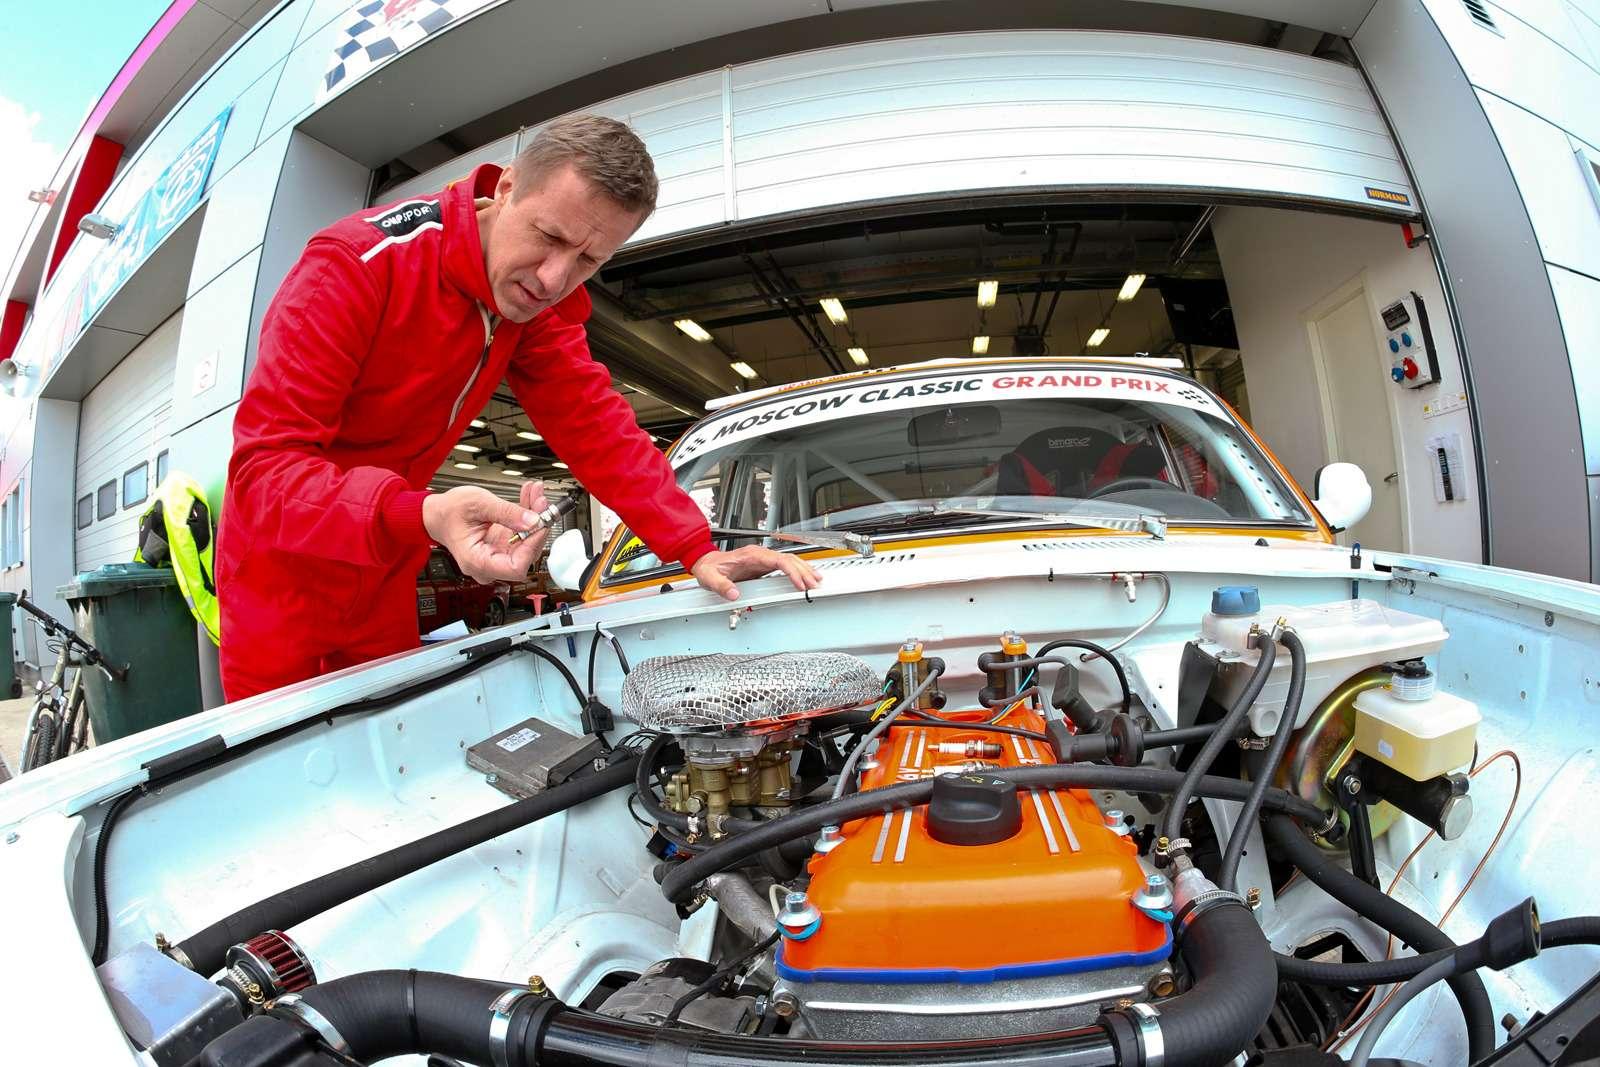 Выводим Волгу ГАЗ-24на Moscow Classic Grand Prix: вспомнить всё— фото 614544